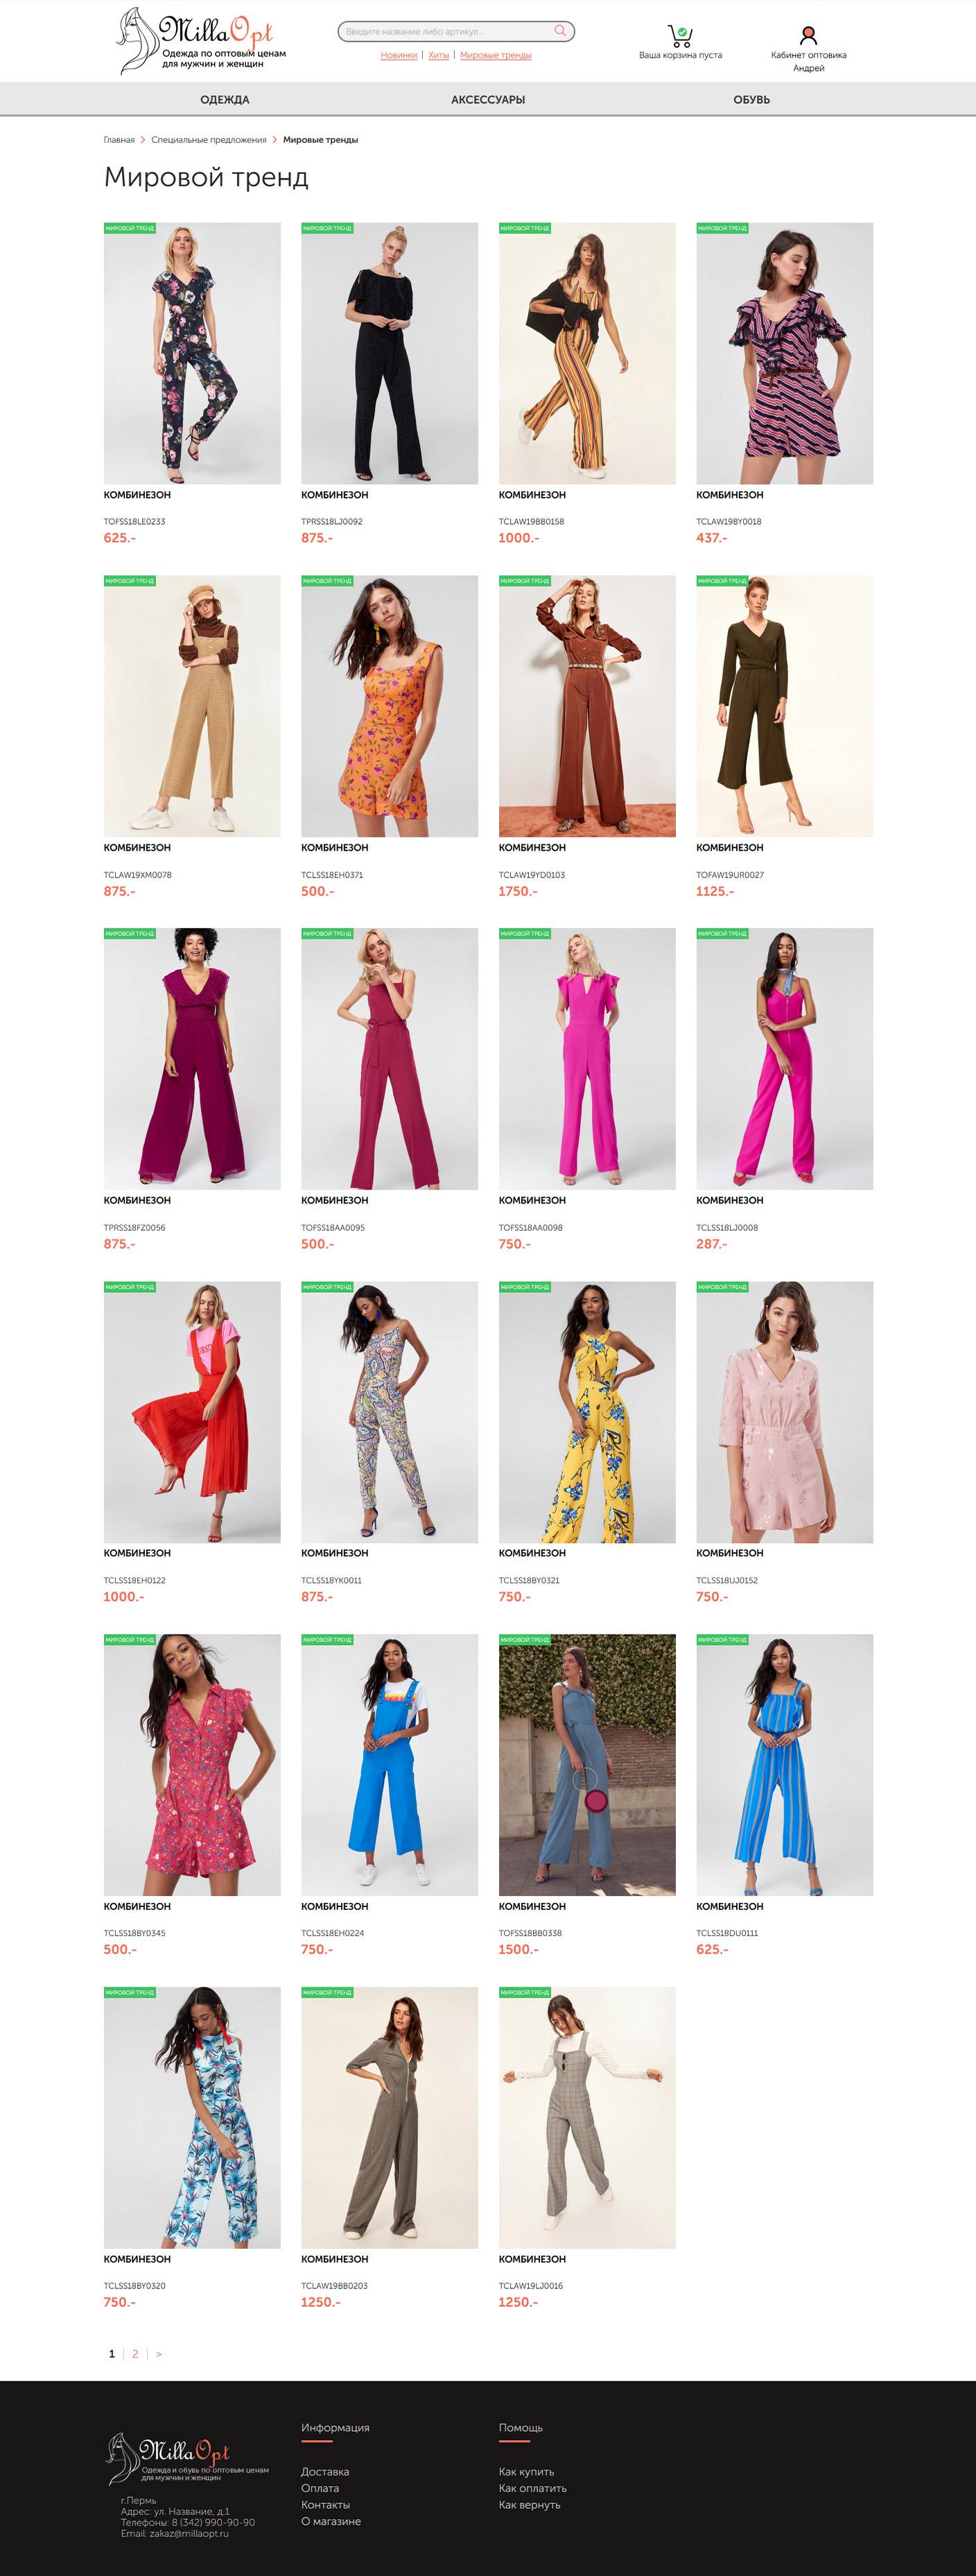 Пример дизайна для интернет магазина одежды Милла Опт